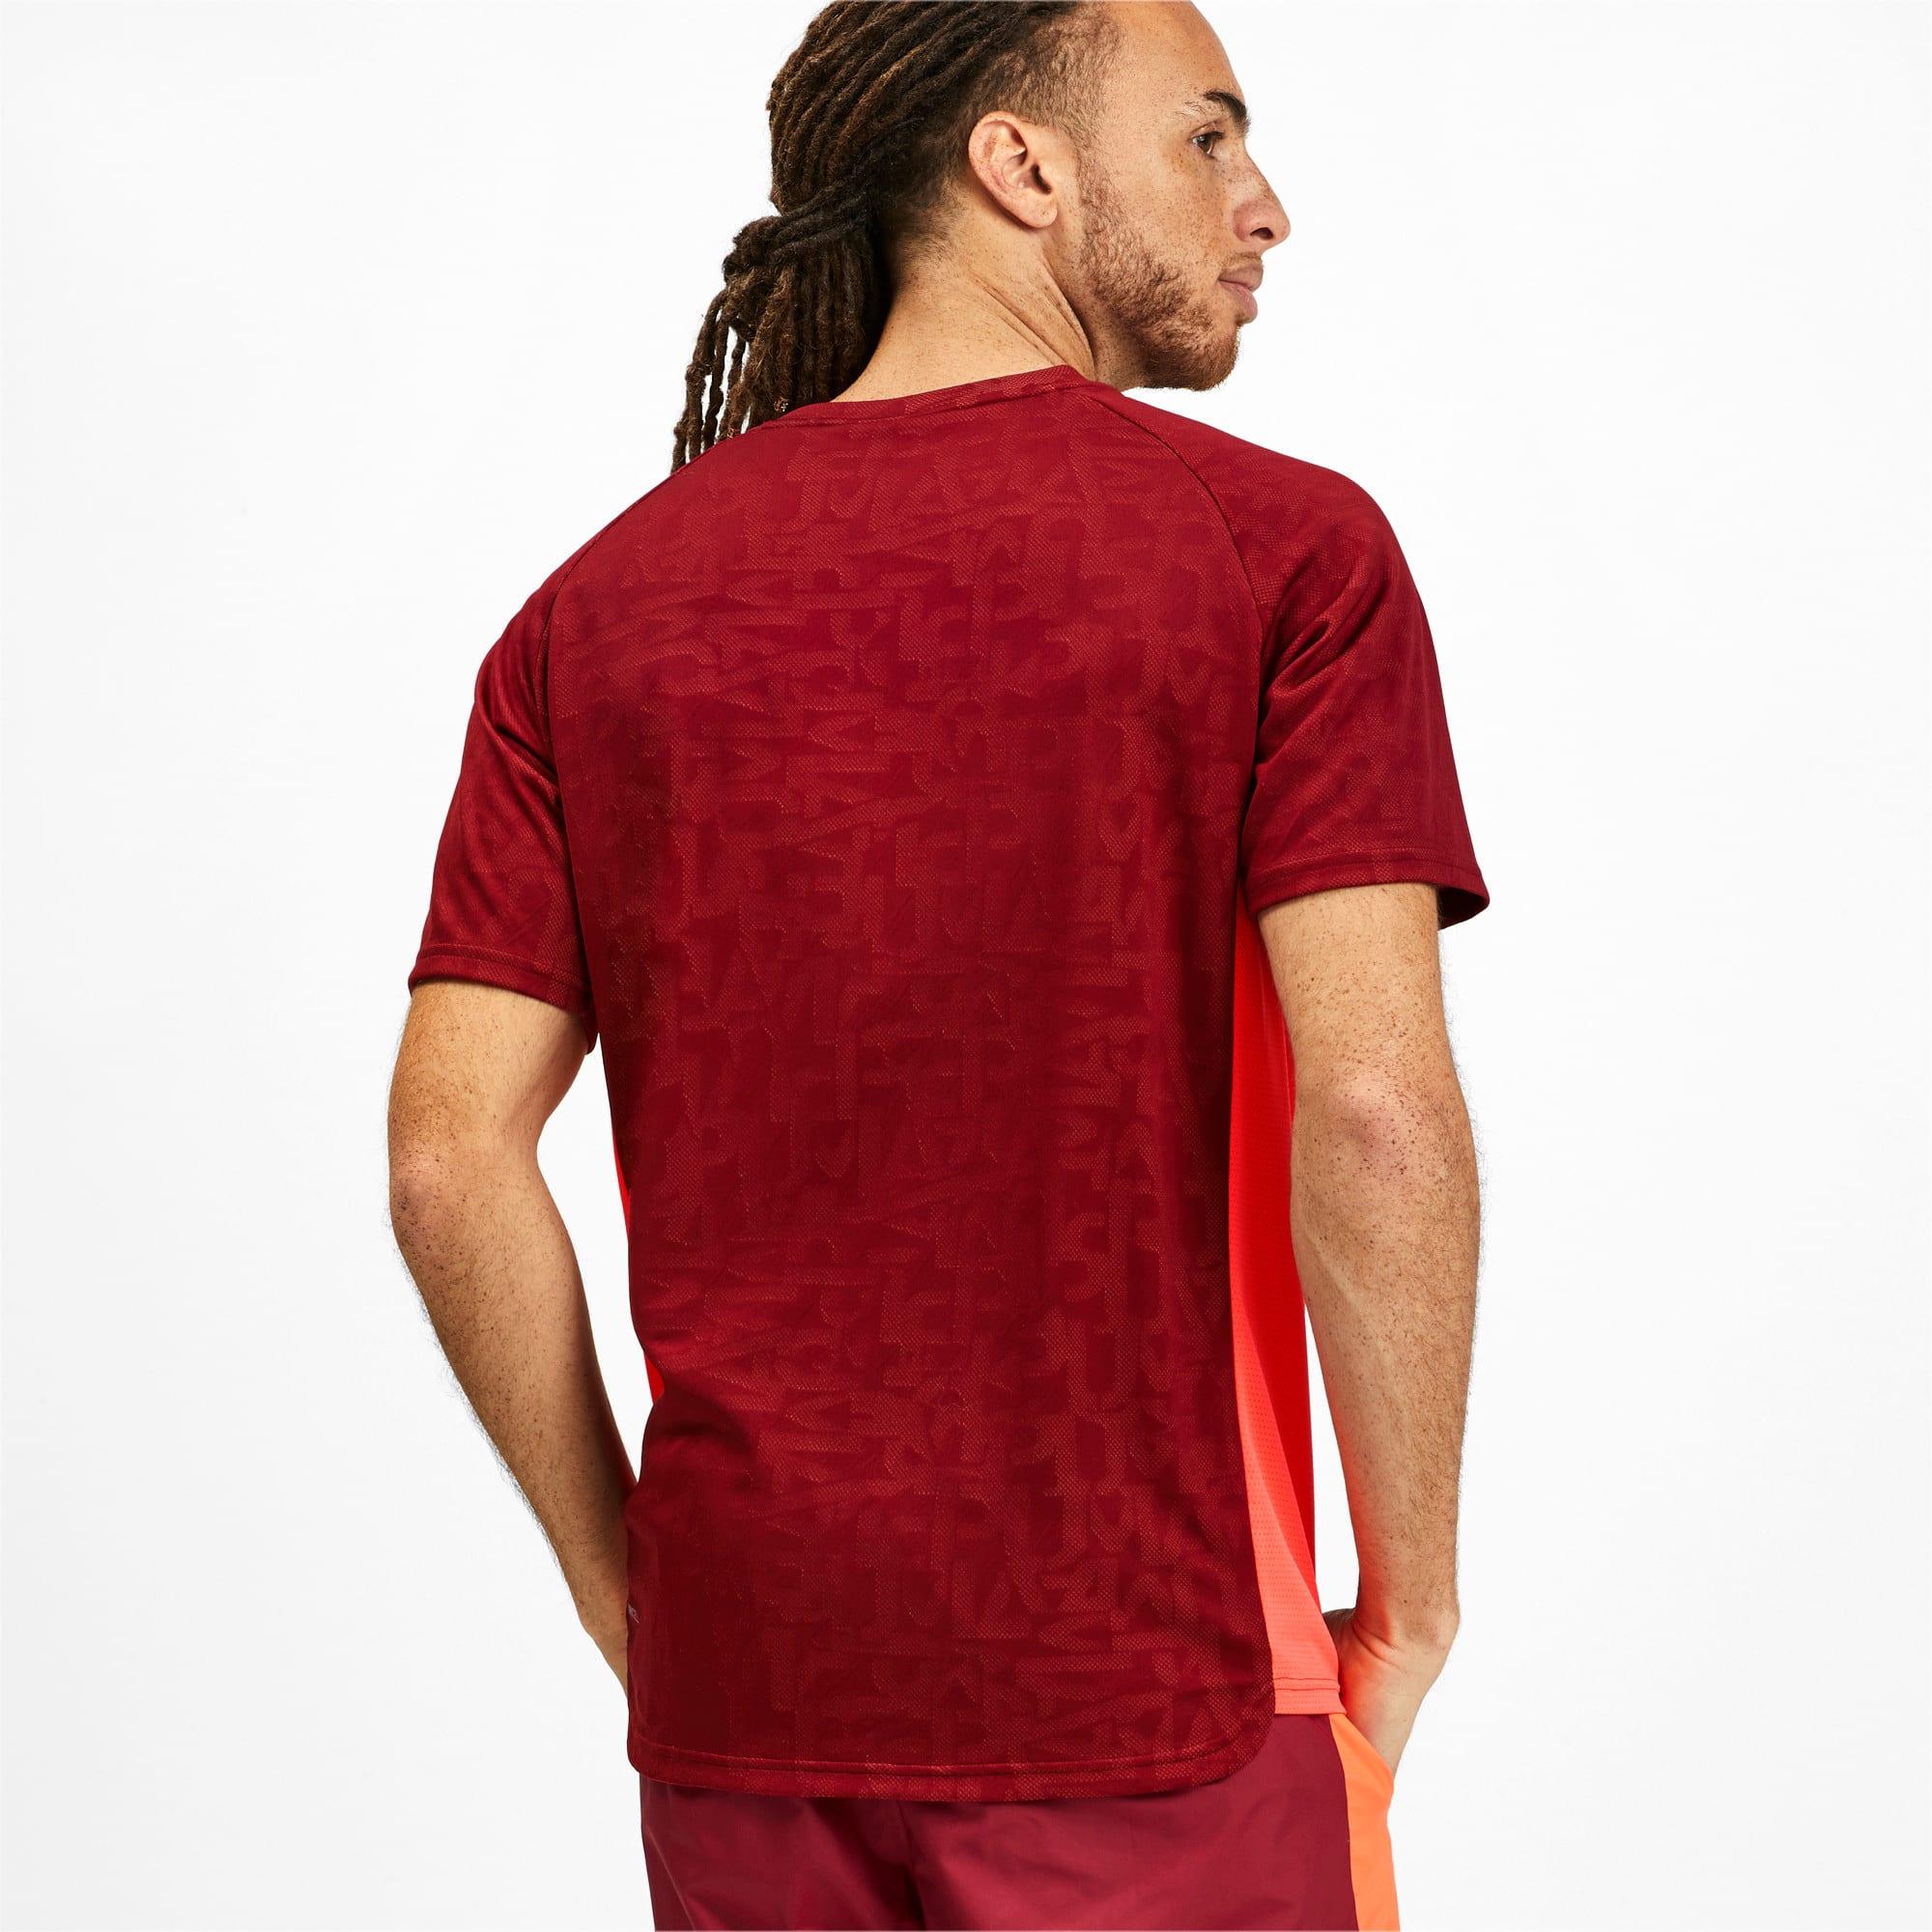 Miniatura 2 de Camiseta Power Vent para hombre, Rhubarb, mediano